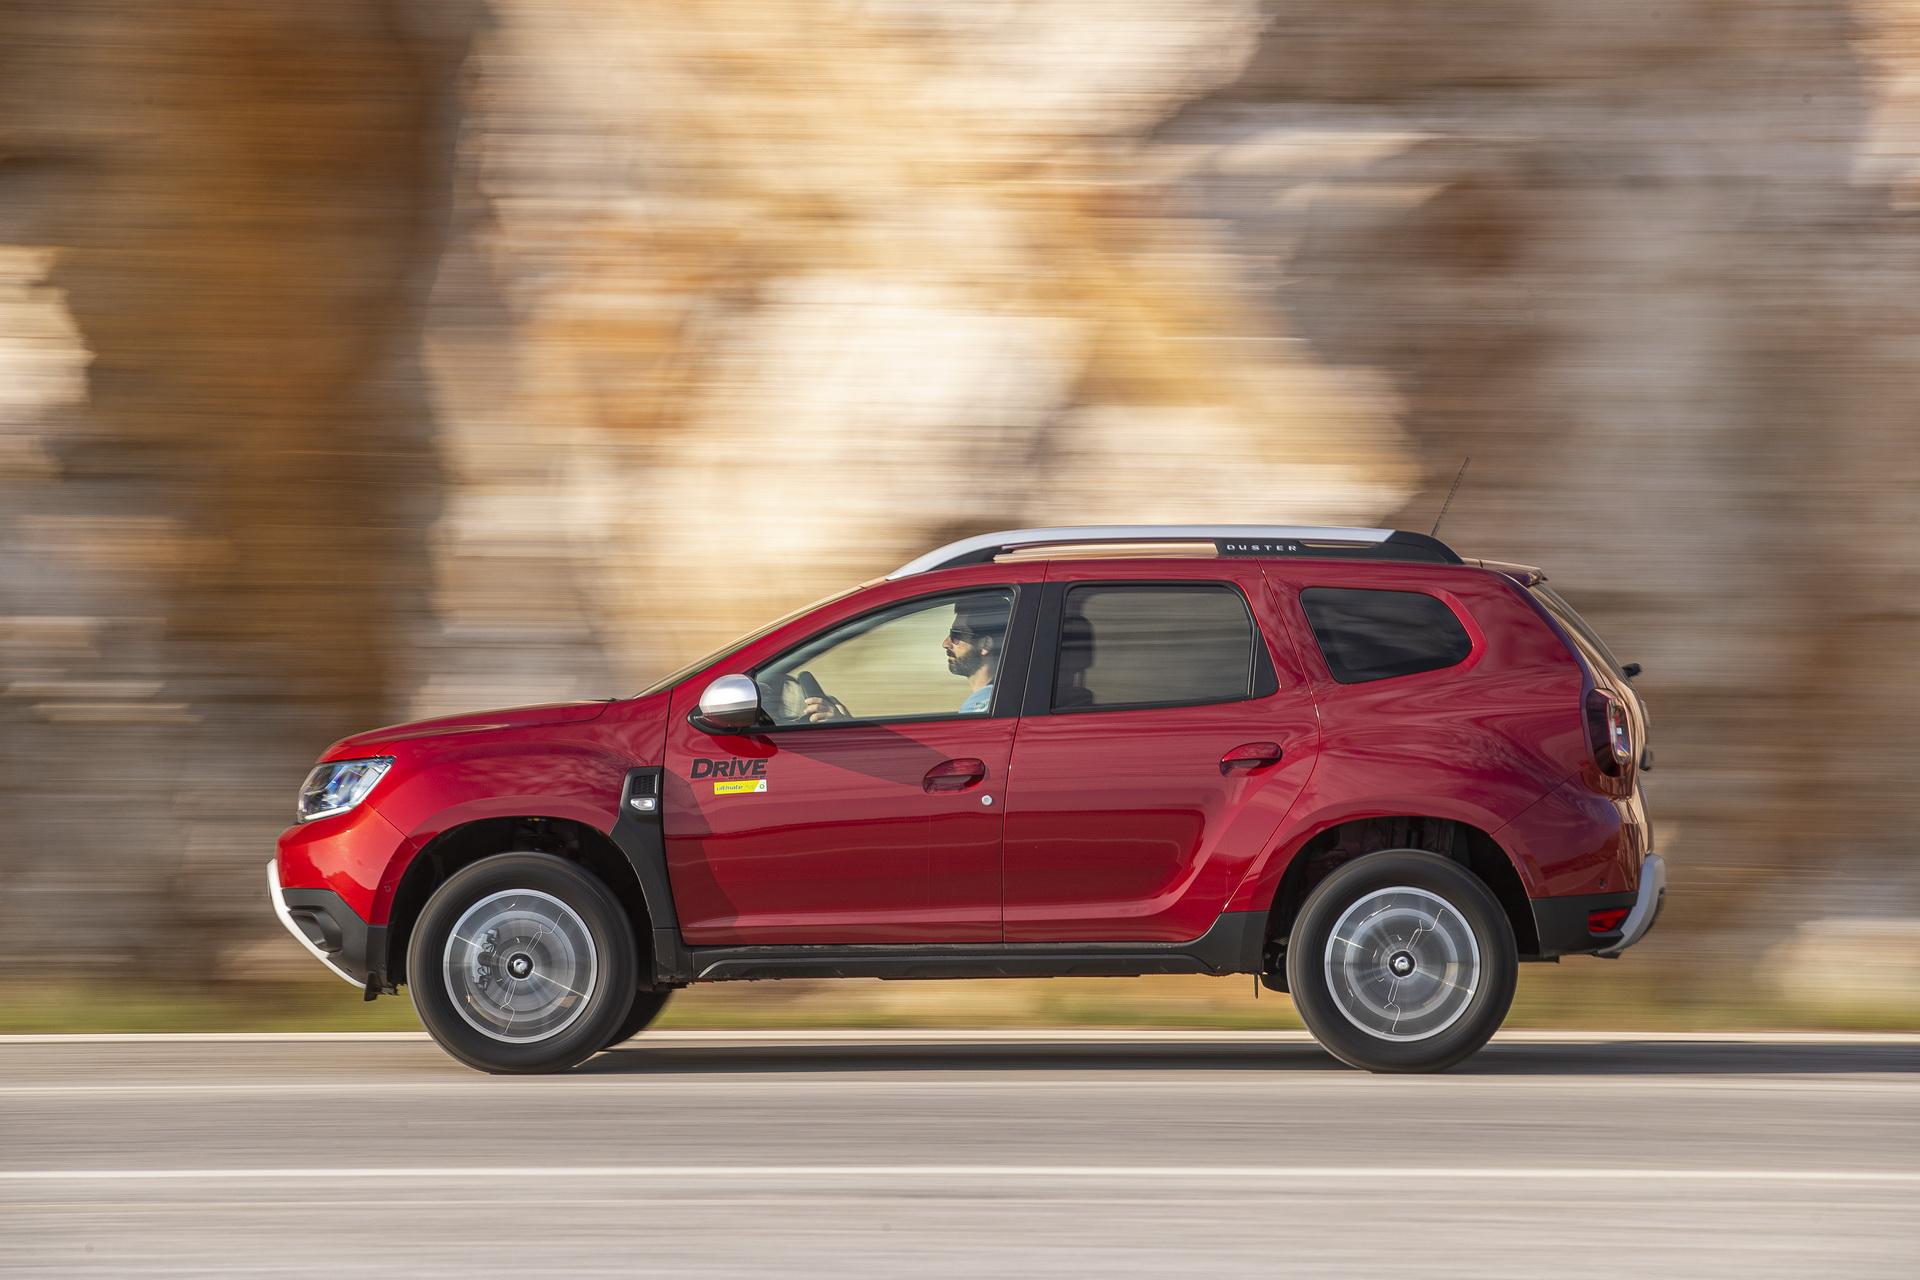 Δοκιμή κίνησης: Dacia Duster 1.0 TCe LPG